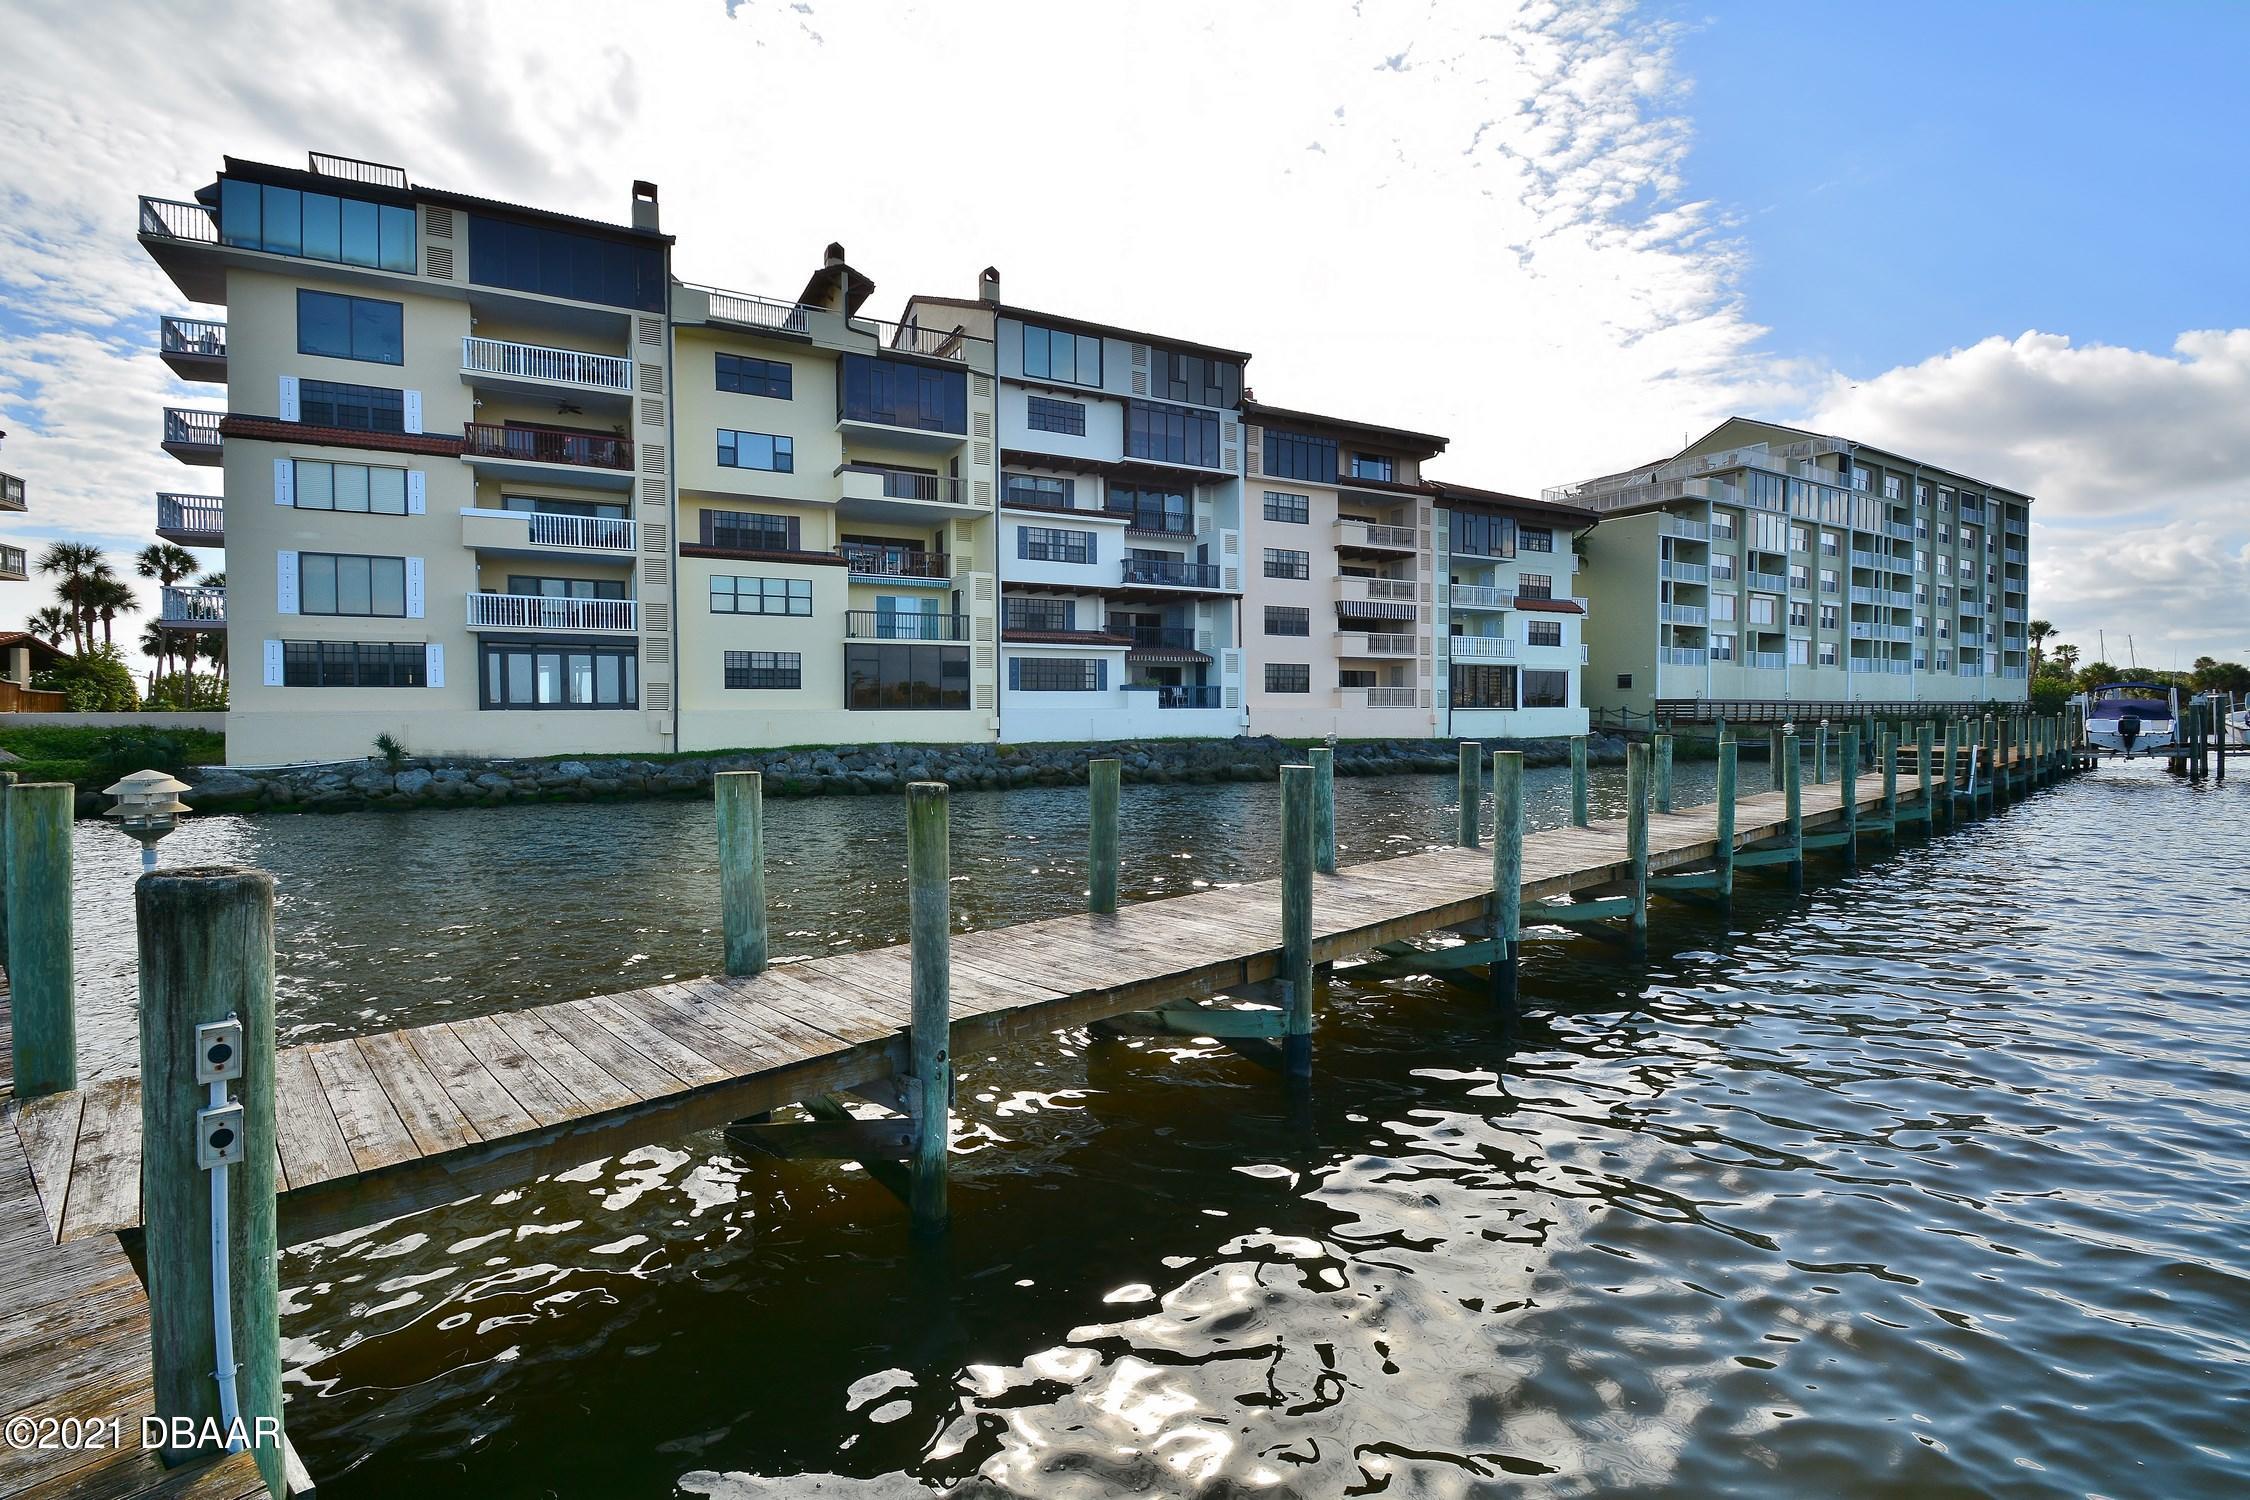 Photo of 615 marina point Drive #615, Daytona Beach, FL 32114